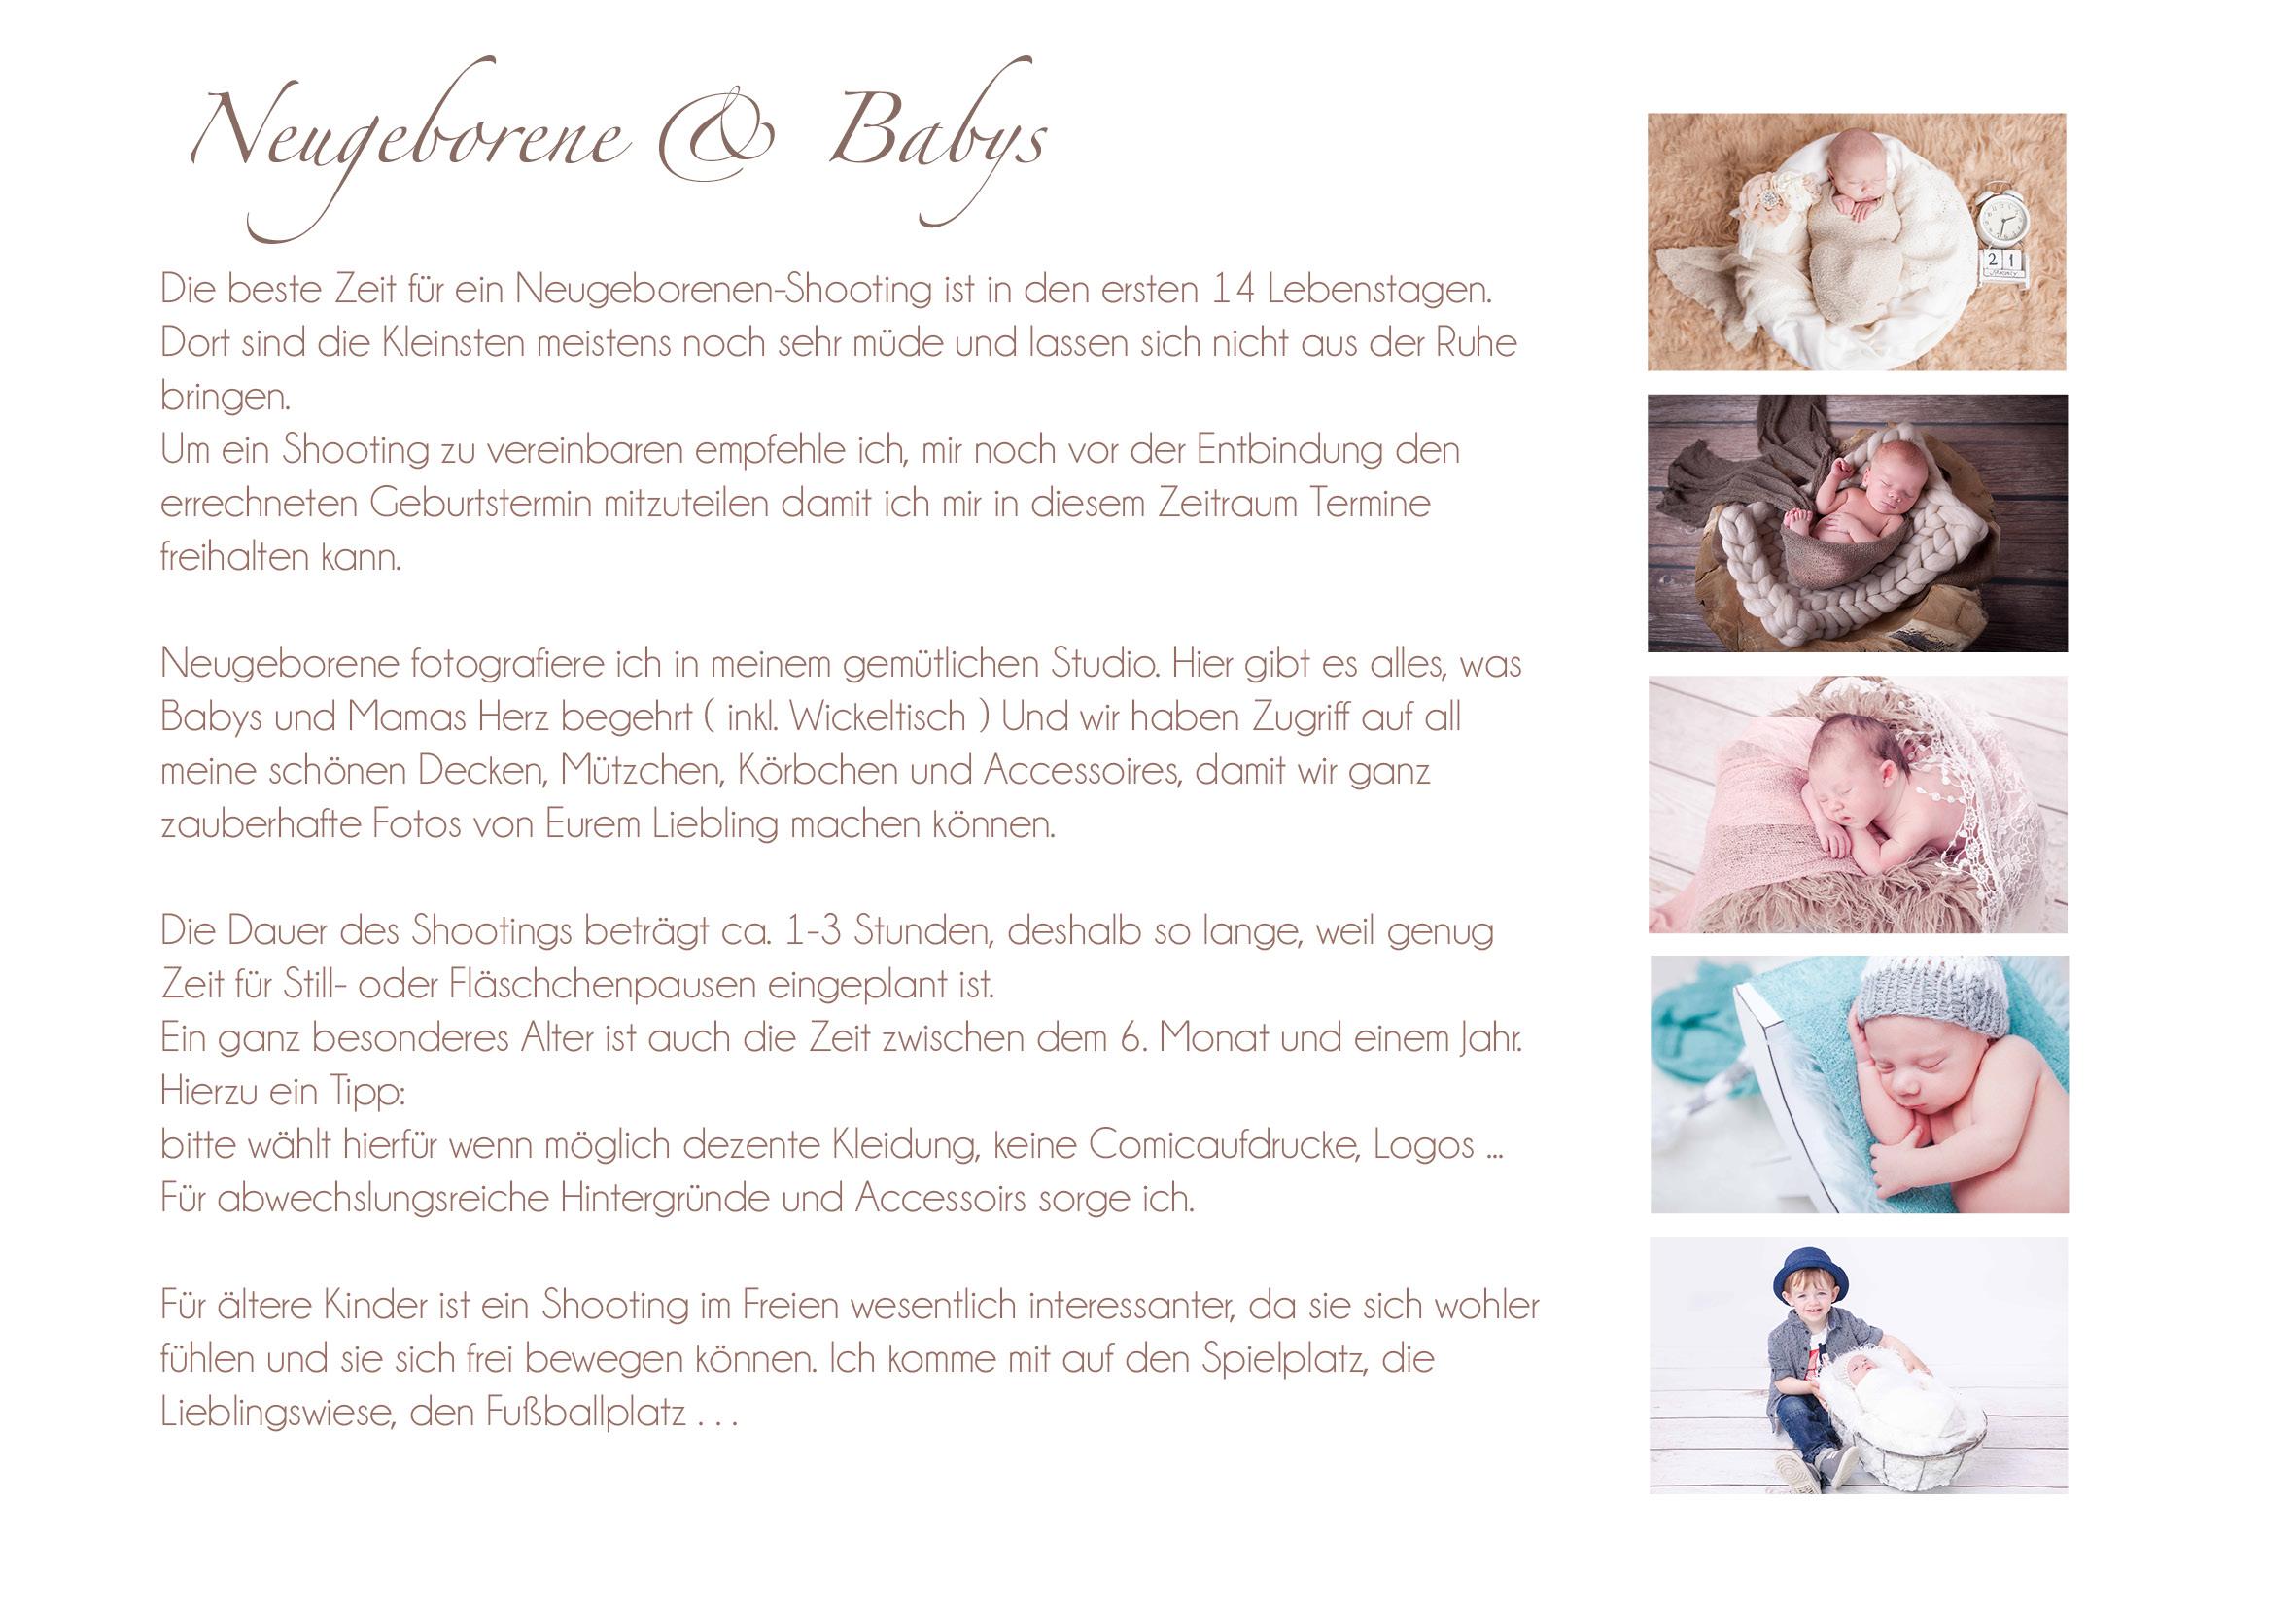 Info Belly und Babies Stand Sp 2016